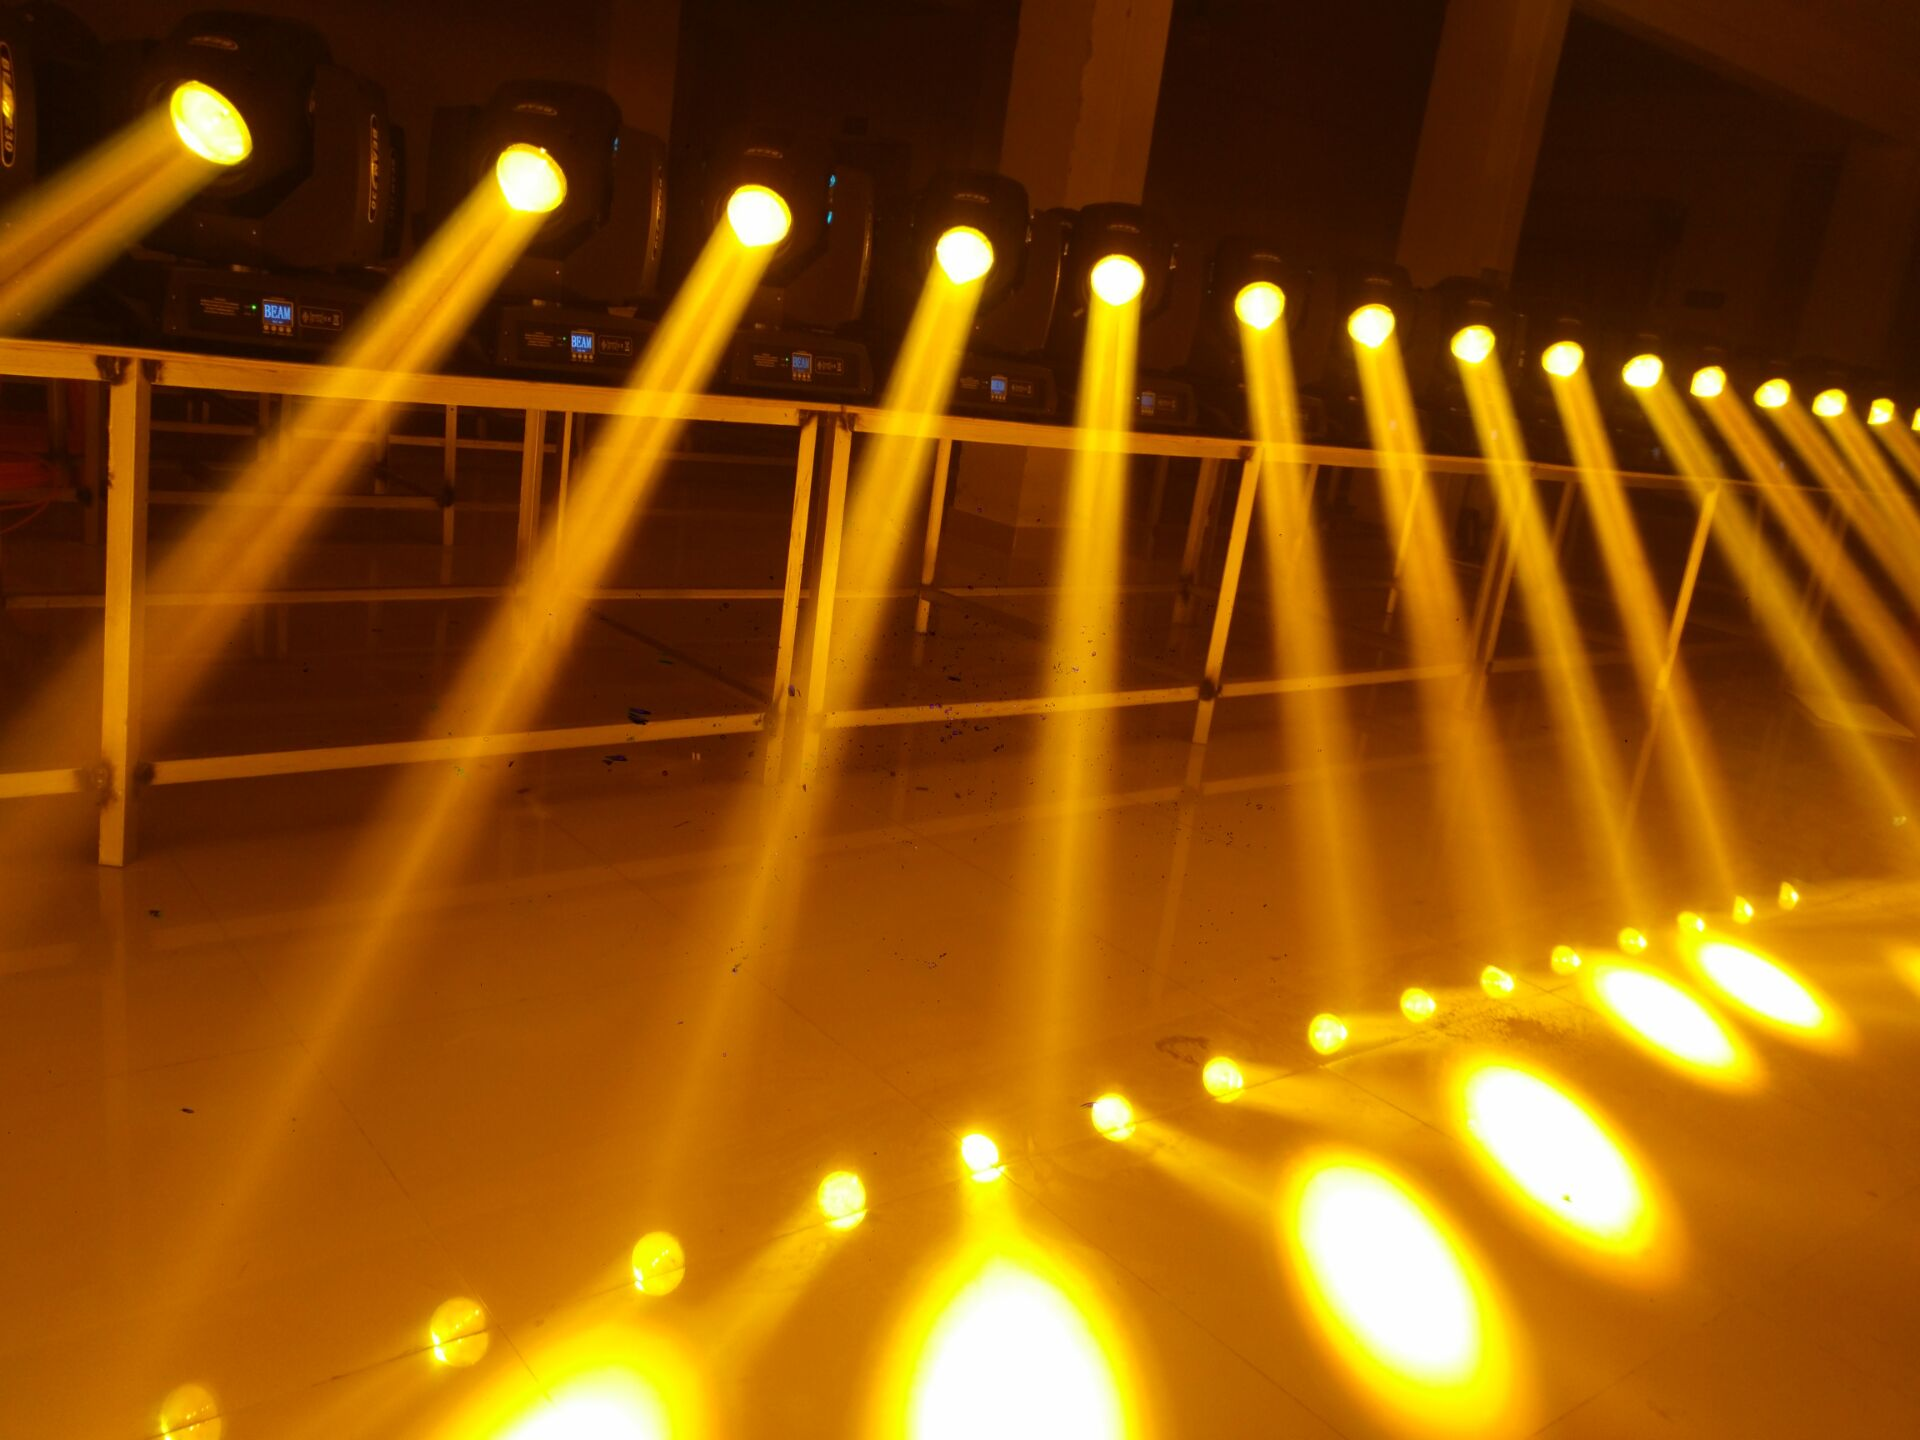 舞台灯光在舞蹈中起的作用效果图